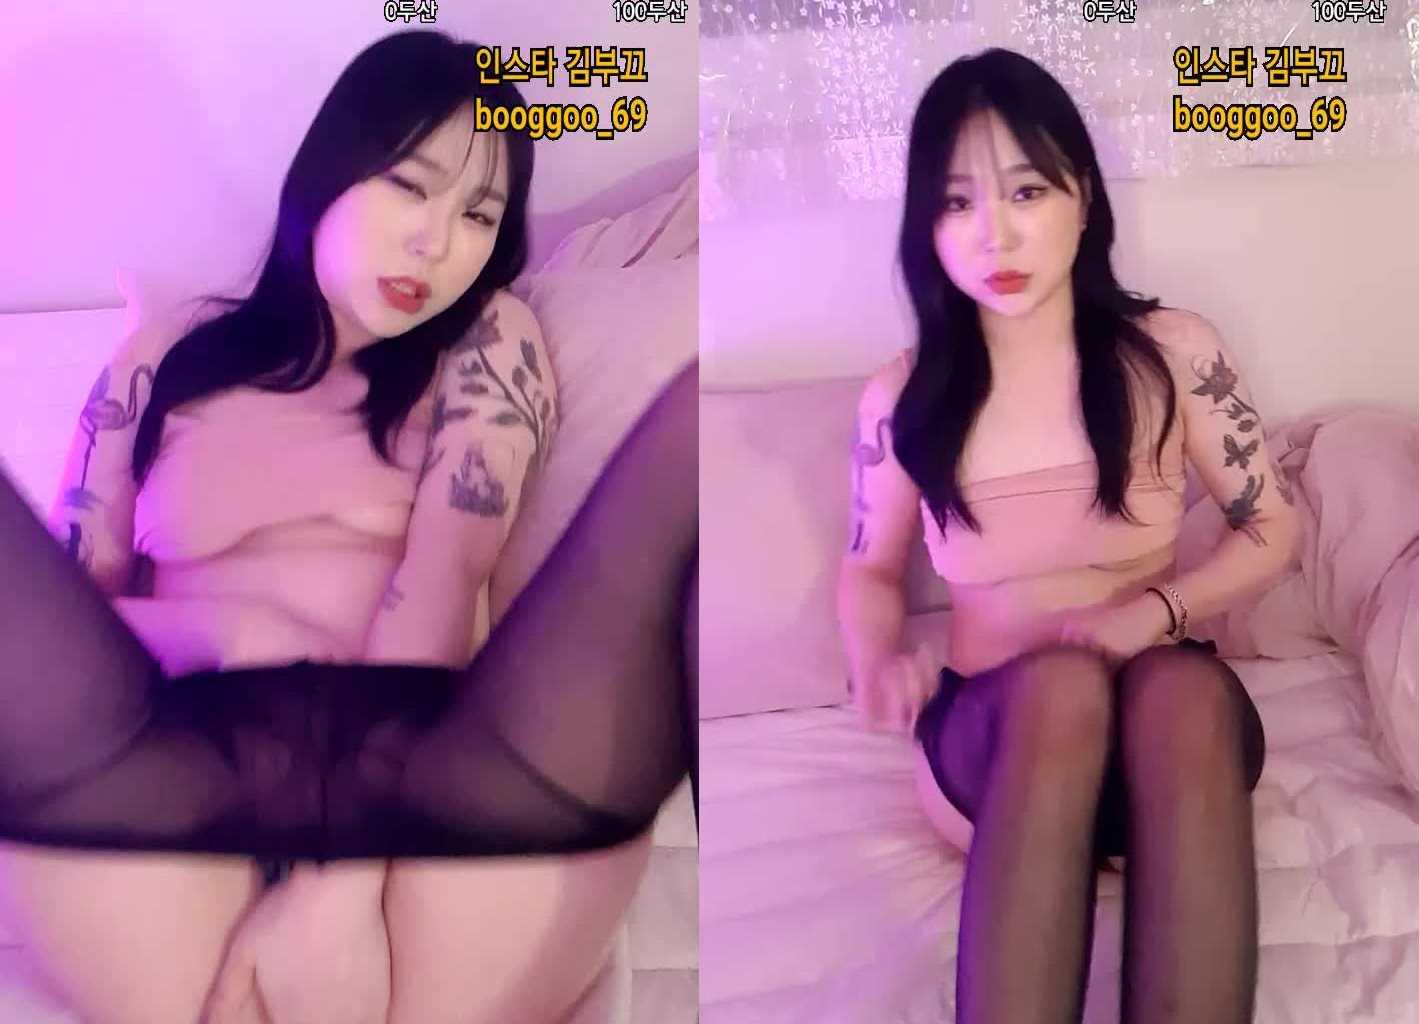 韩国主播口罩系列qkddnf0713202104132编号43051